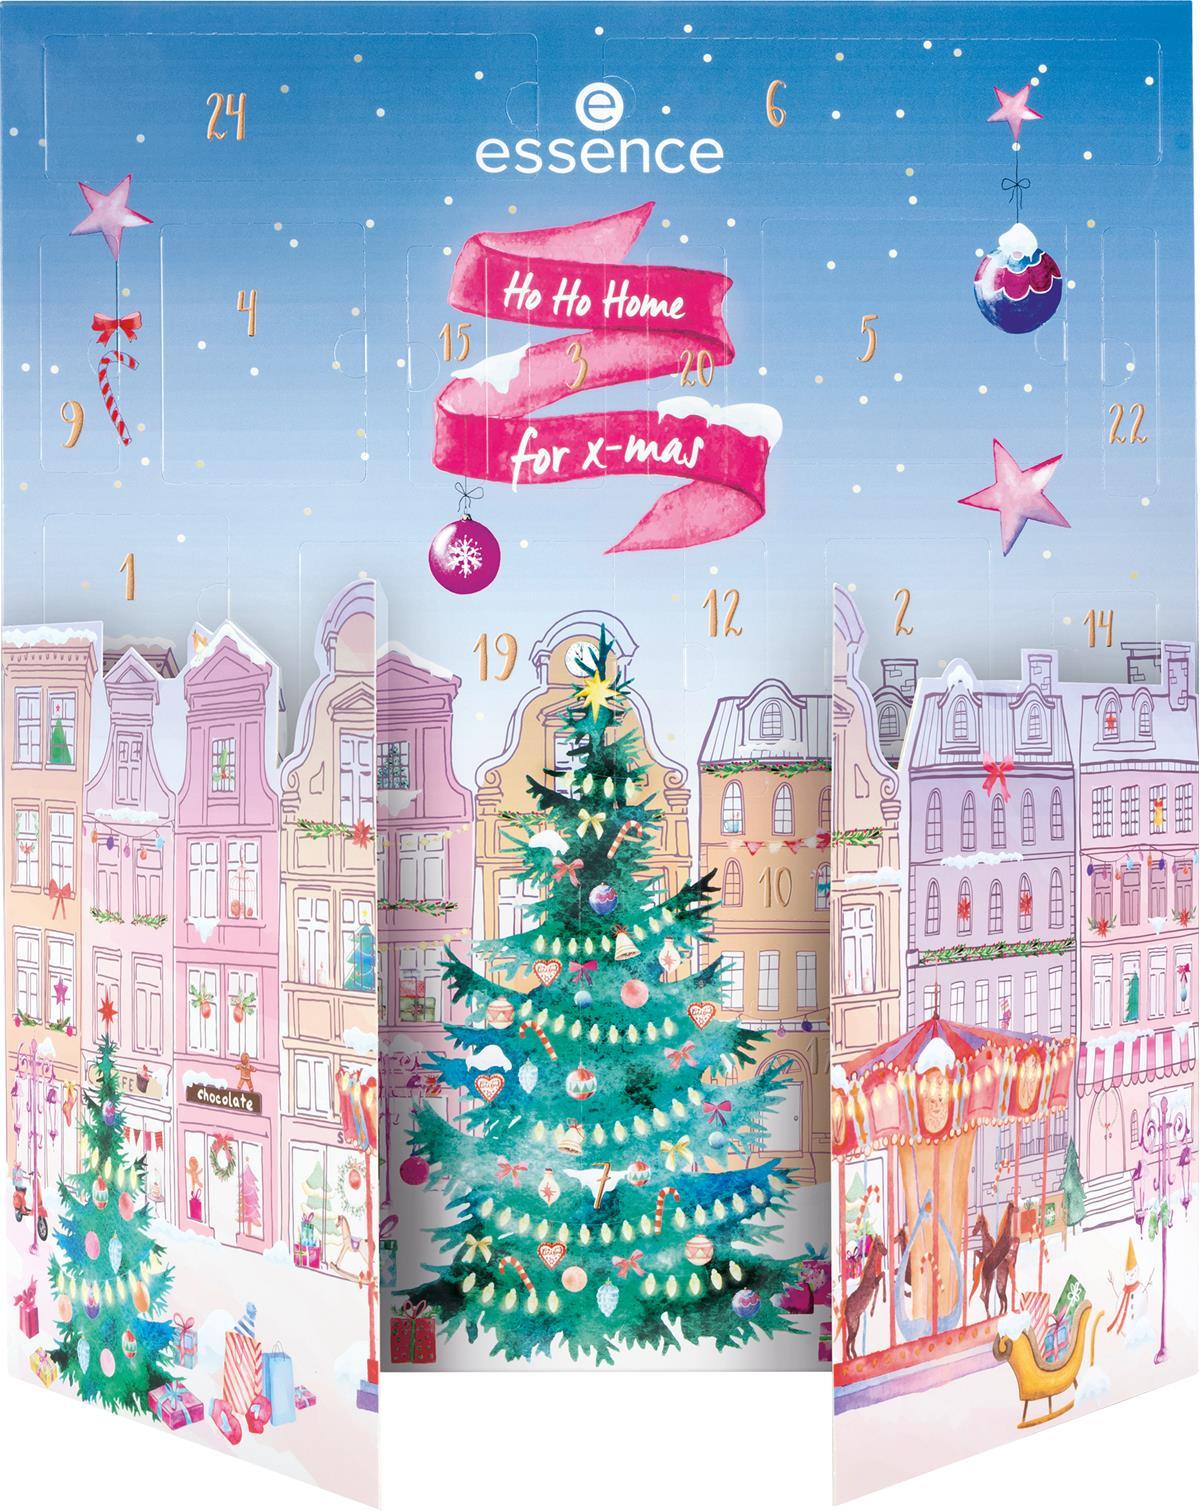 essence - Ho Ho Home for x-mas advent calendar Image